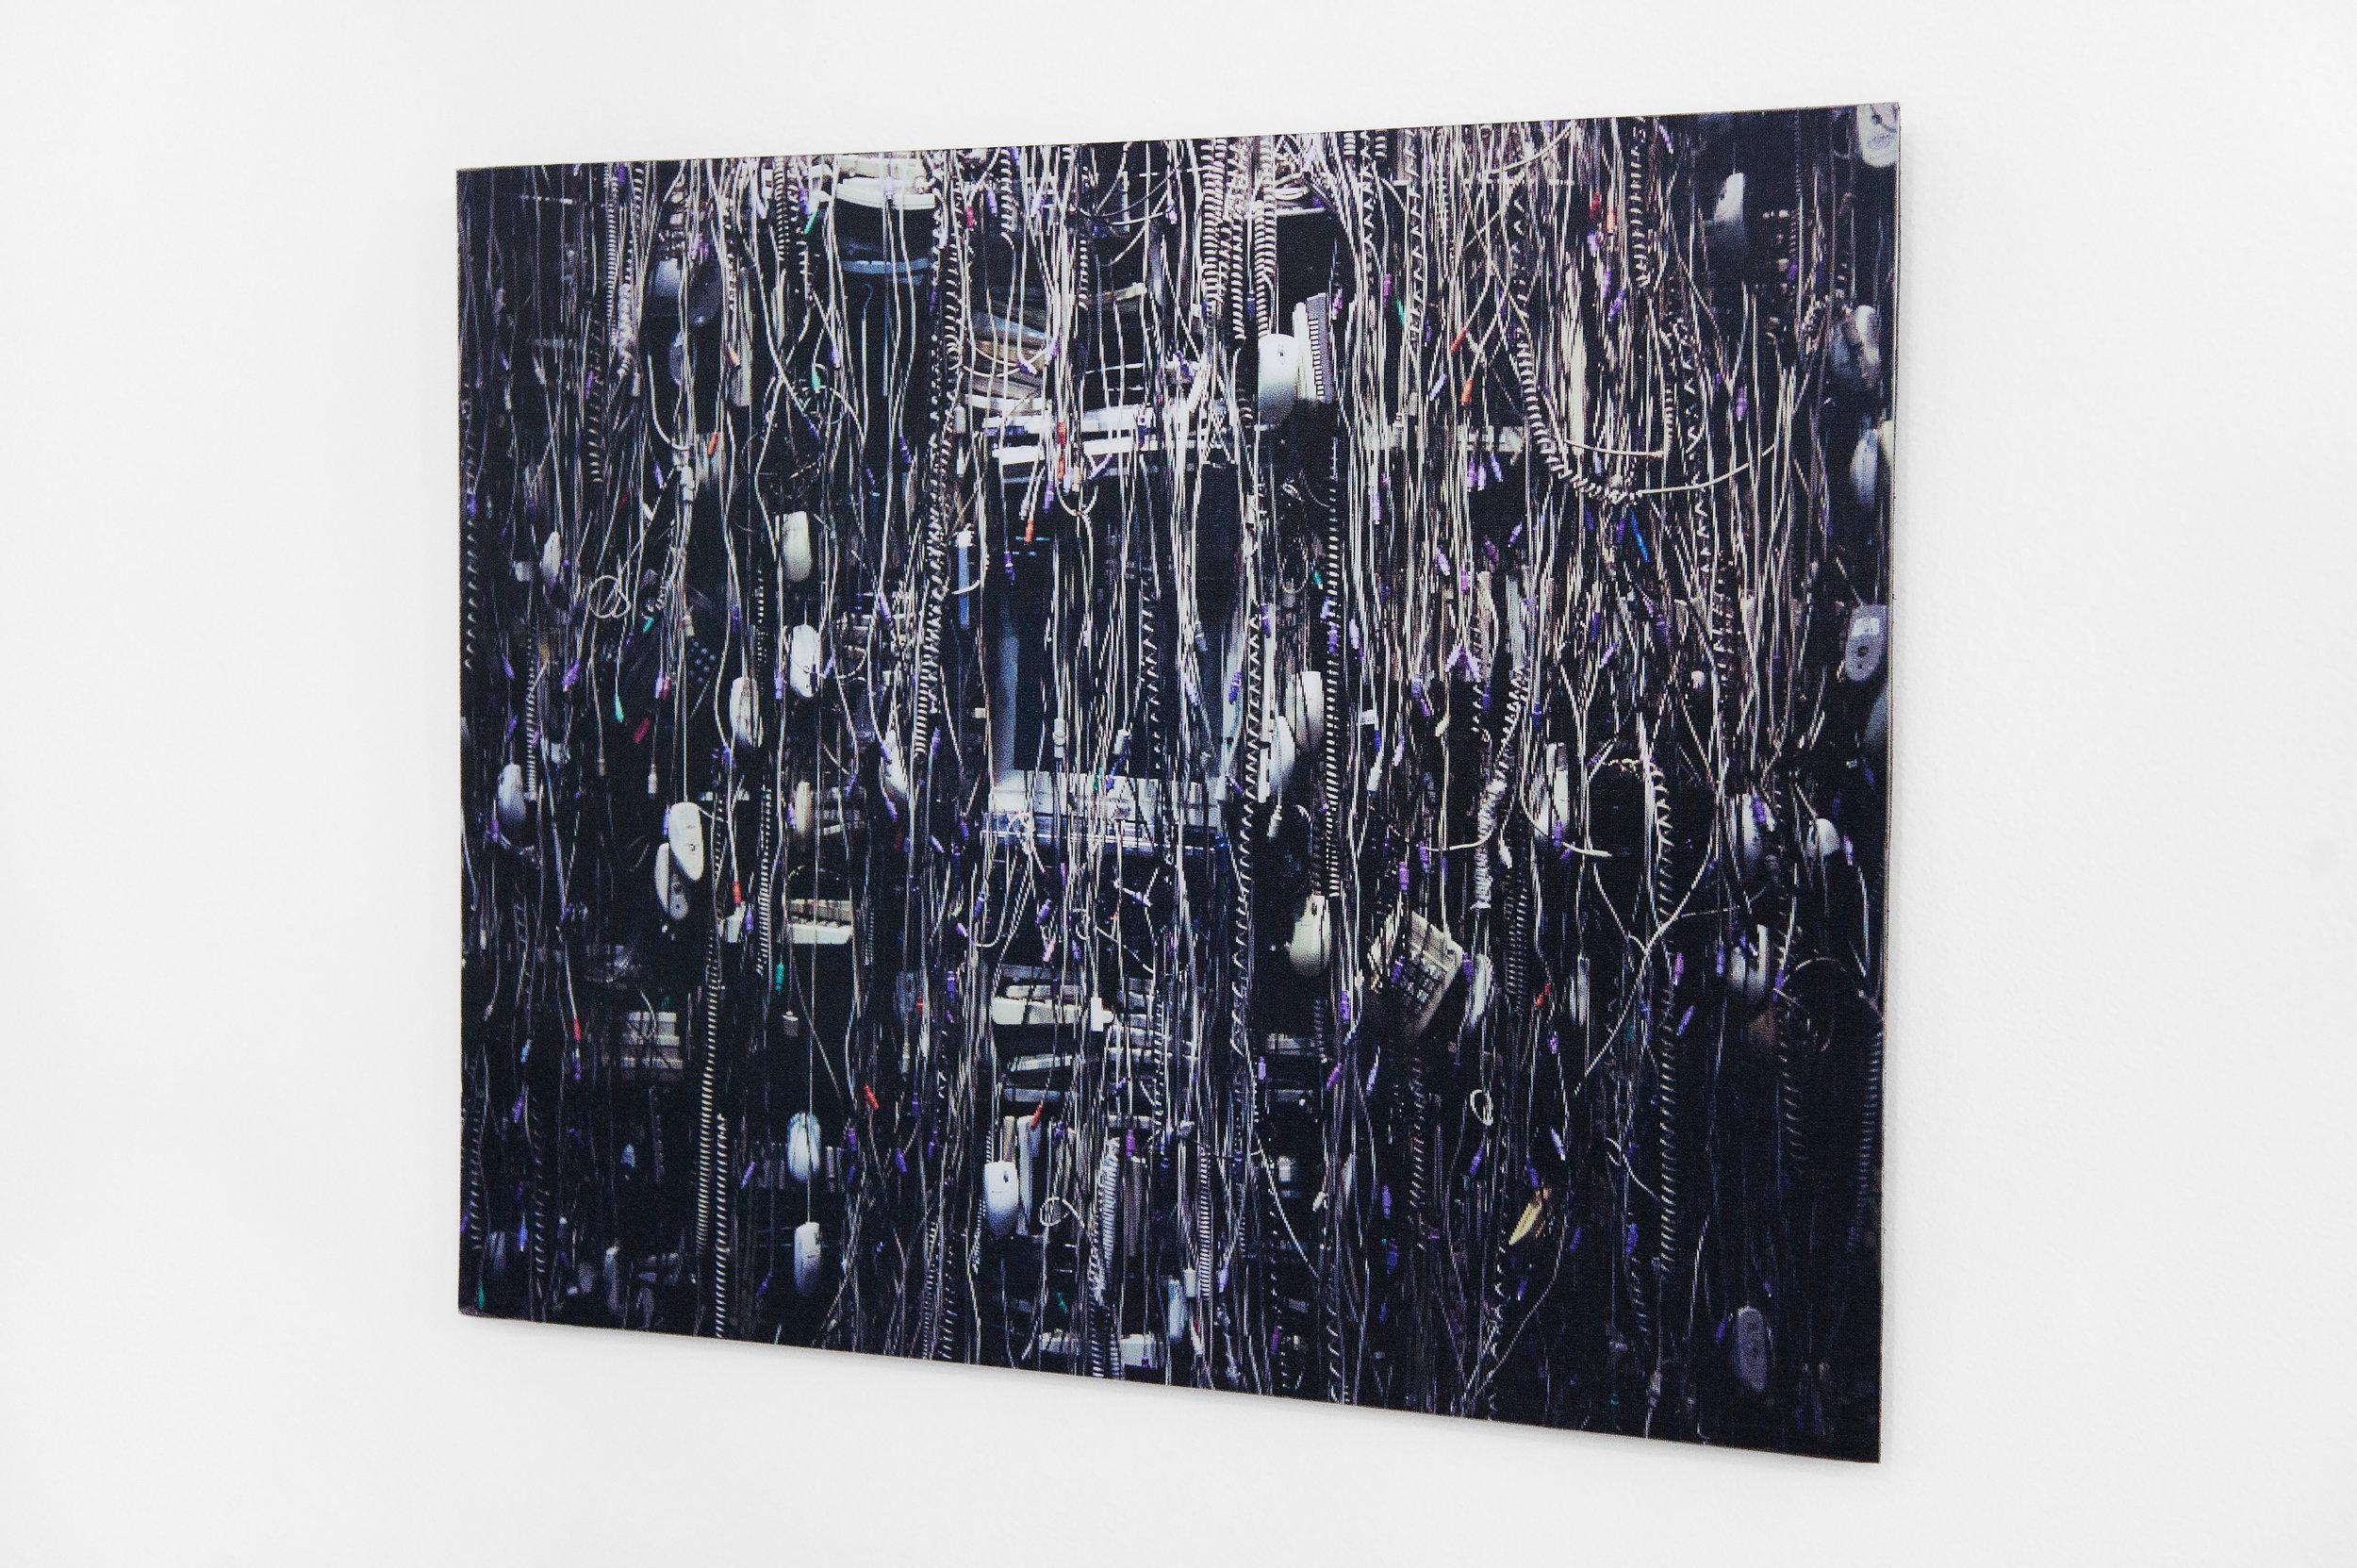 """Over Processing , 2014, lenticular/ hologram print on aluminum, 16""""x 24"""" (50.8 cm x 66 cm)"""